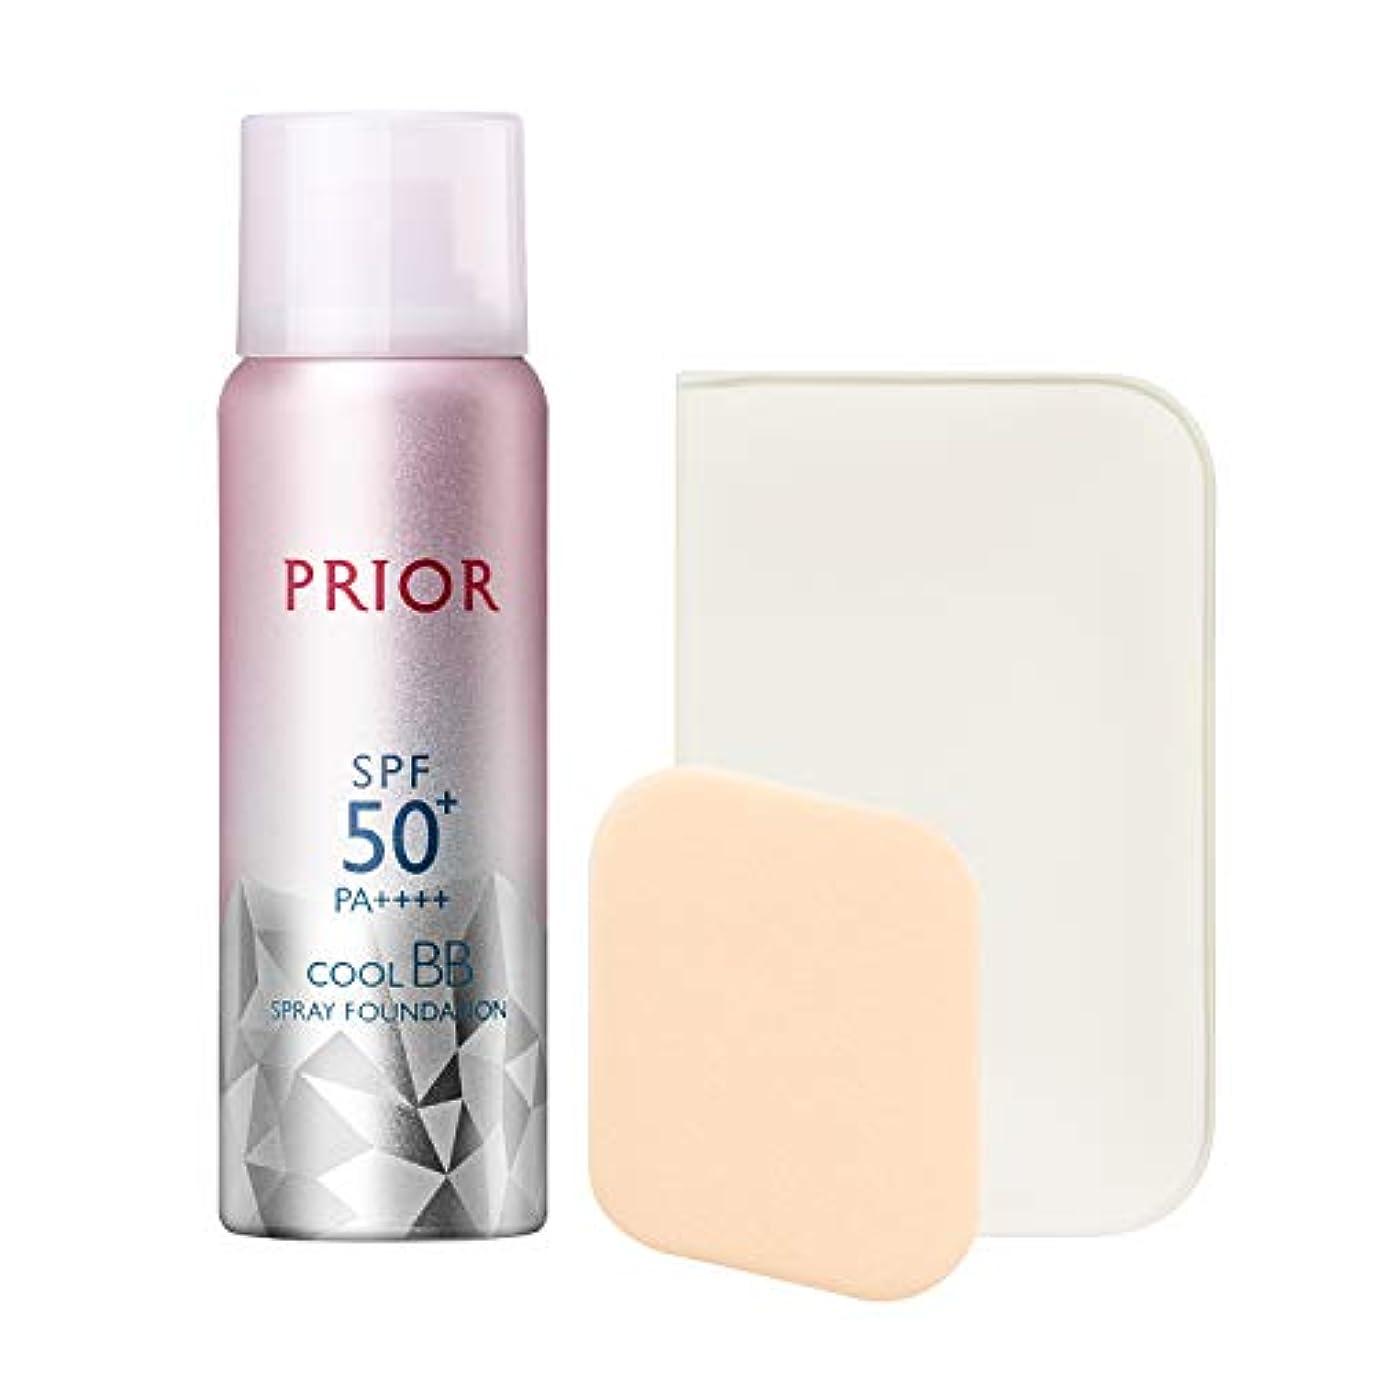 プリオール クール美つやBBスプレー UV 50 c ライト 50g